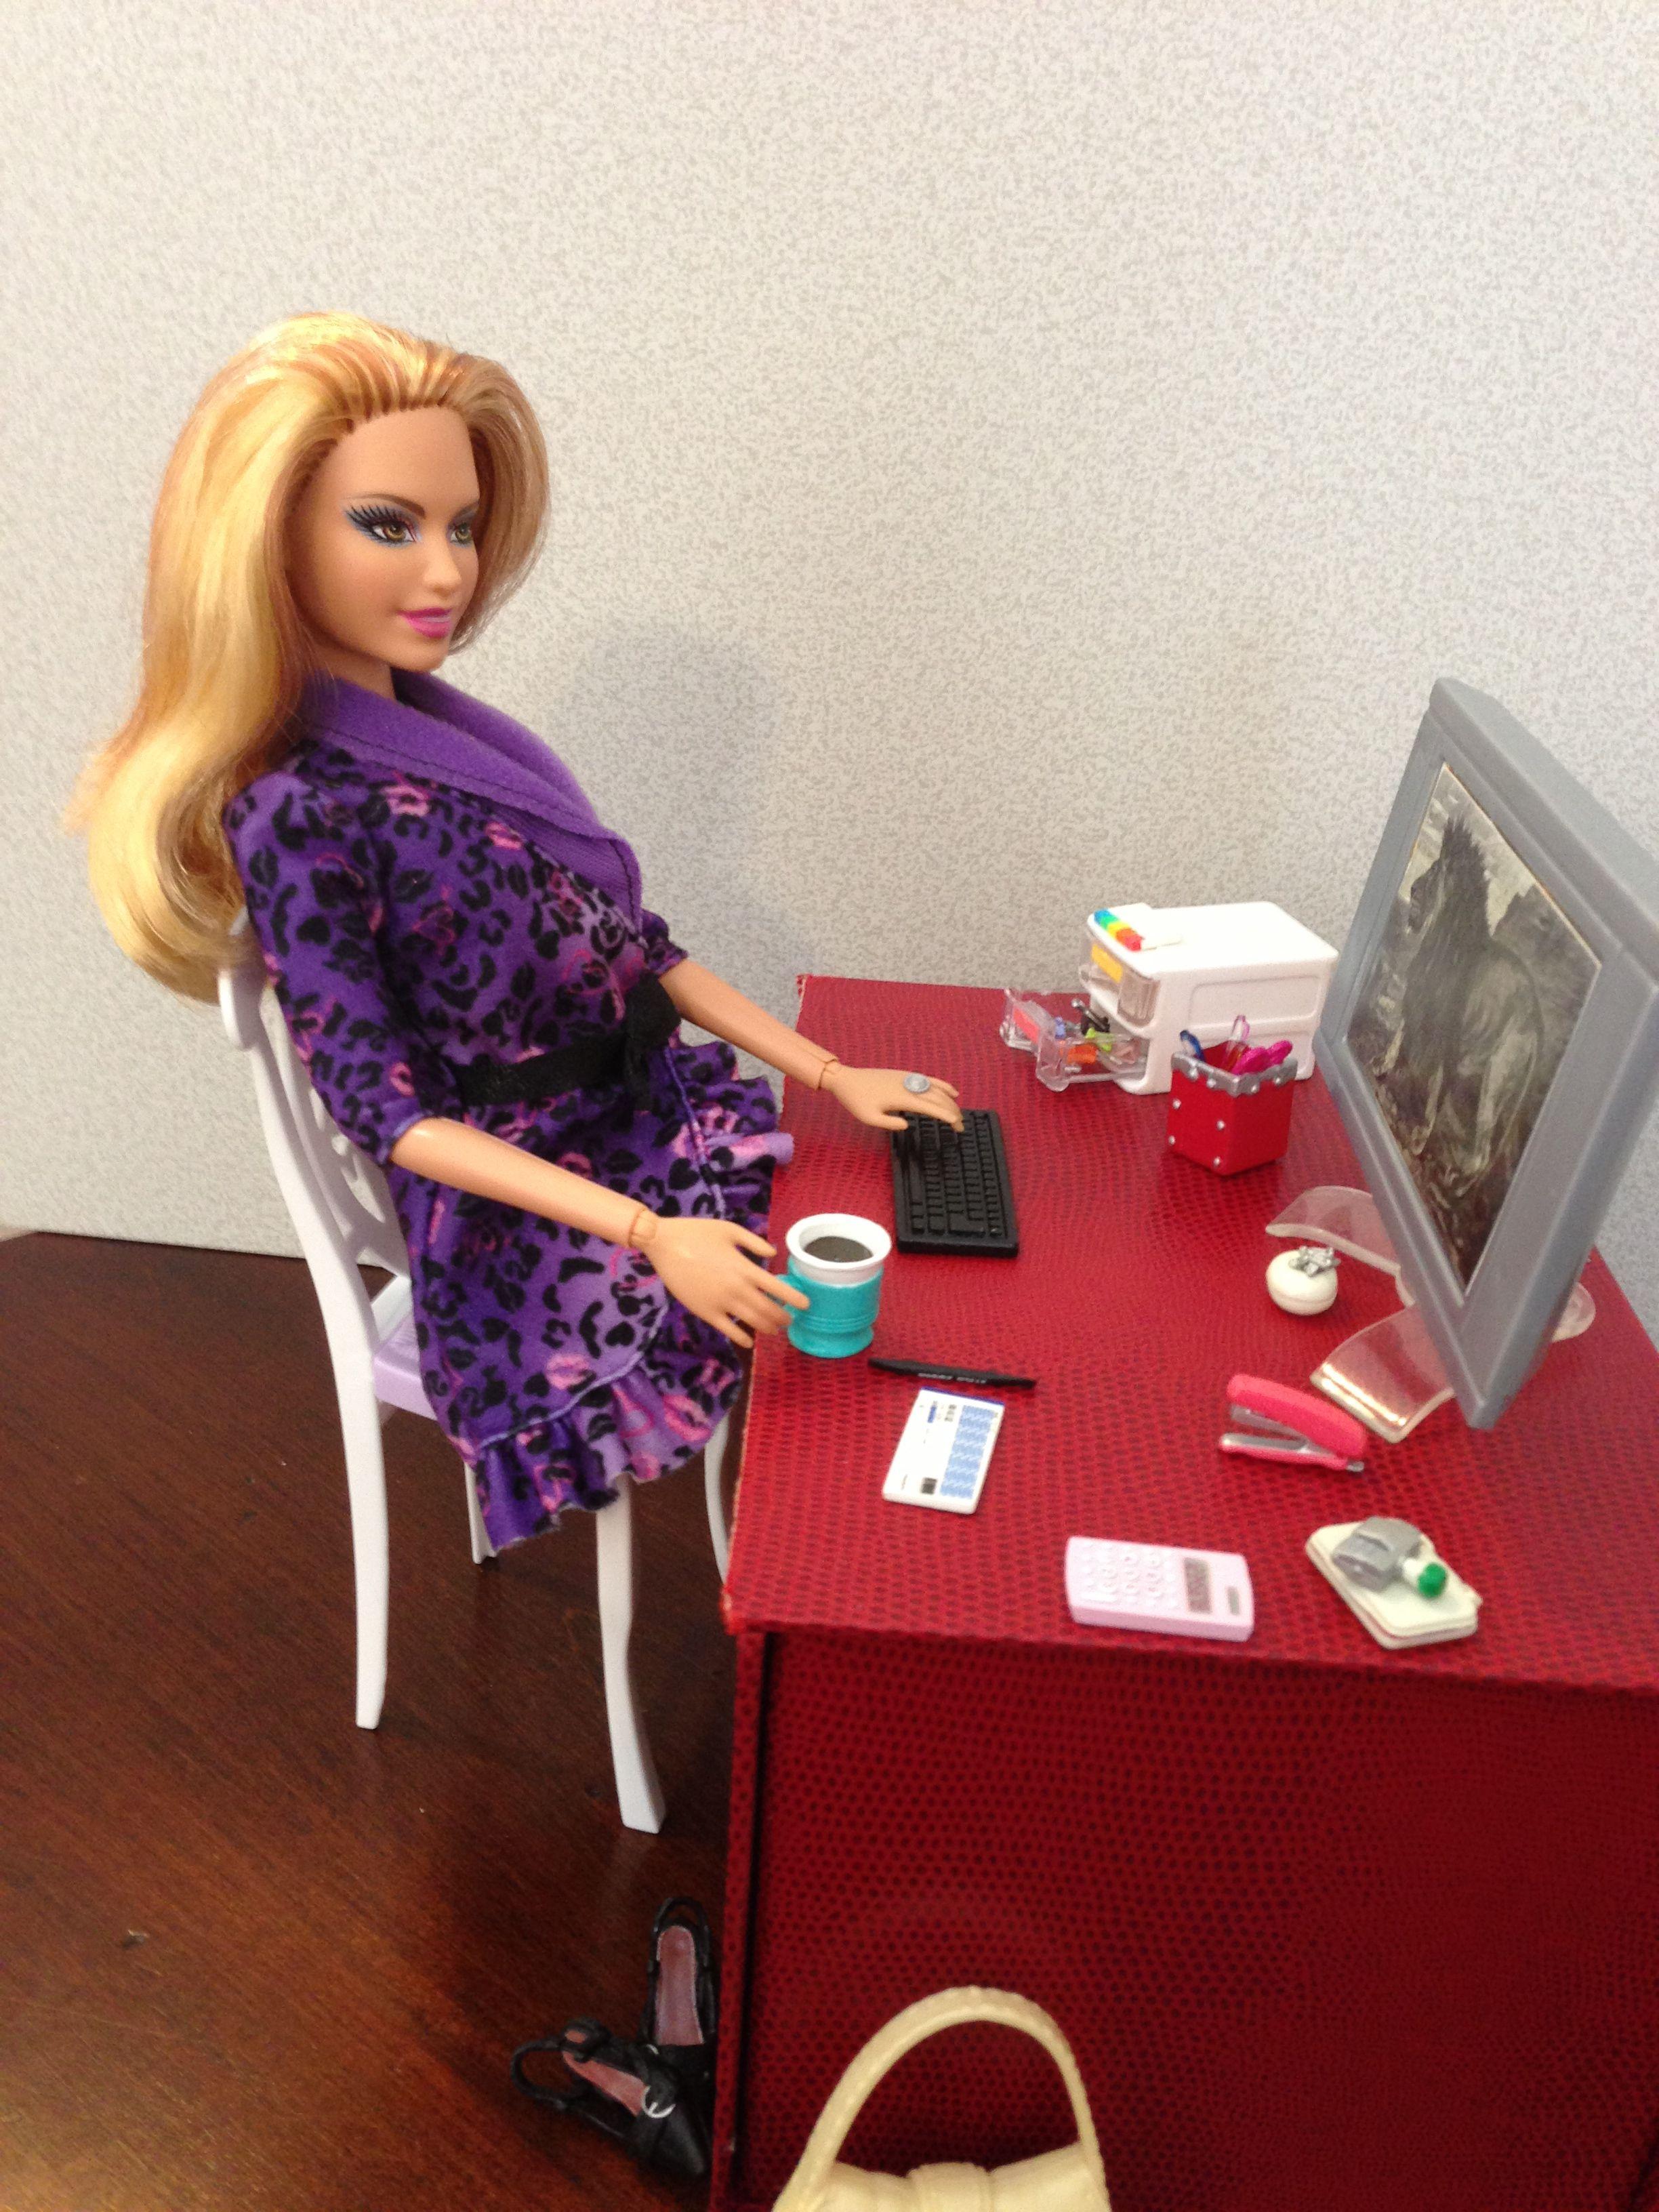 Девушка модель организации работы отделений фотоальбом для фотографий среднего формата